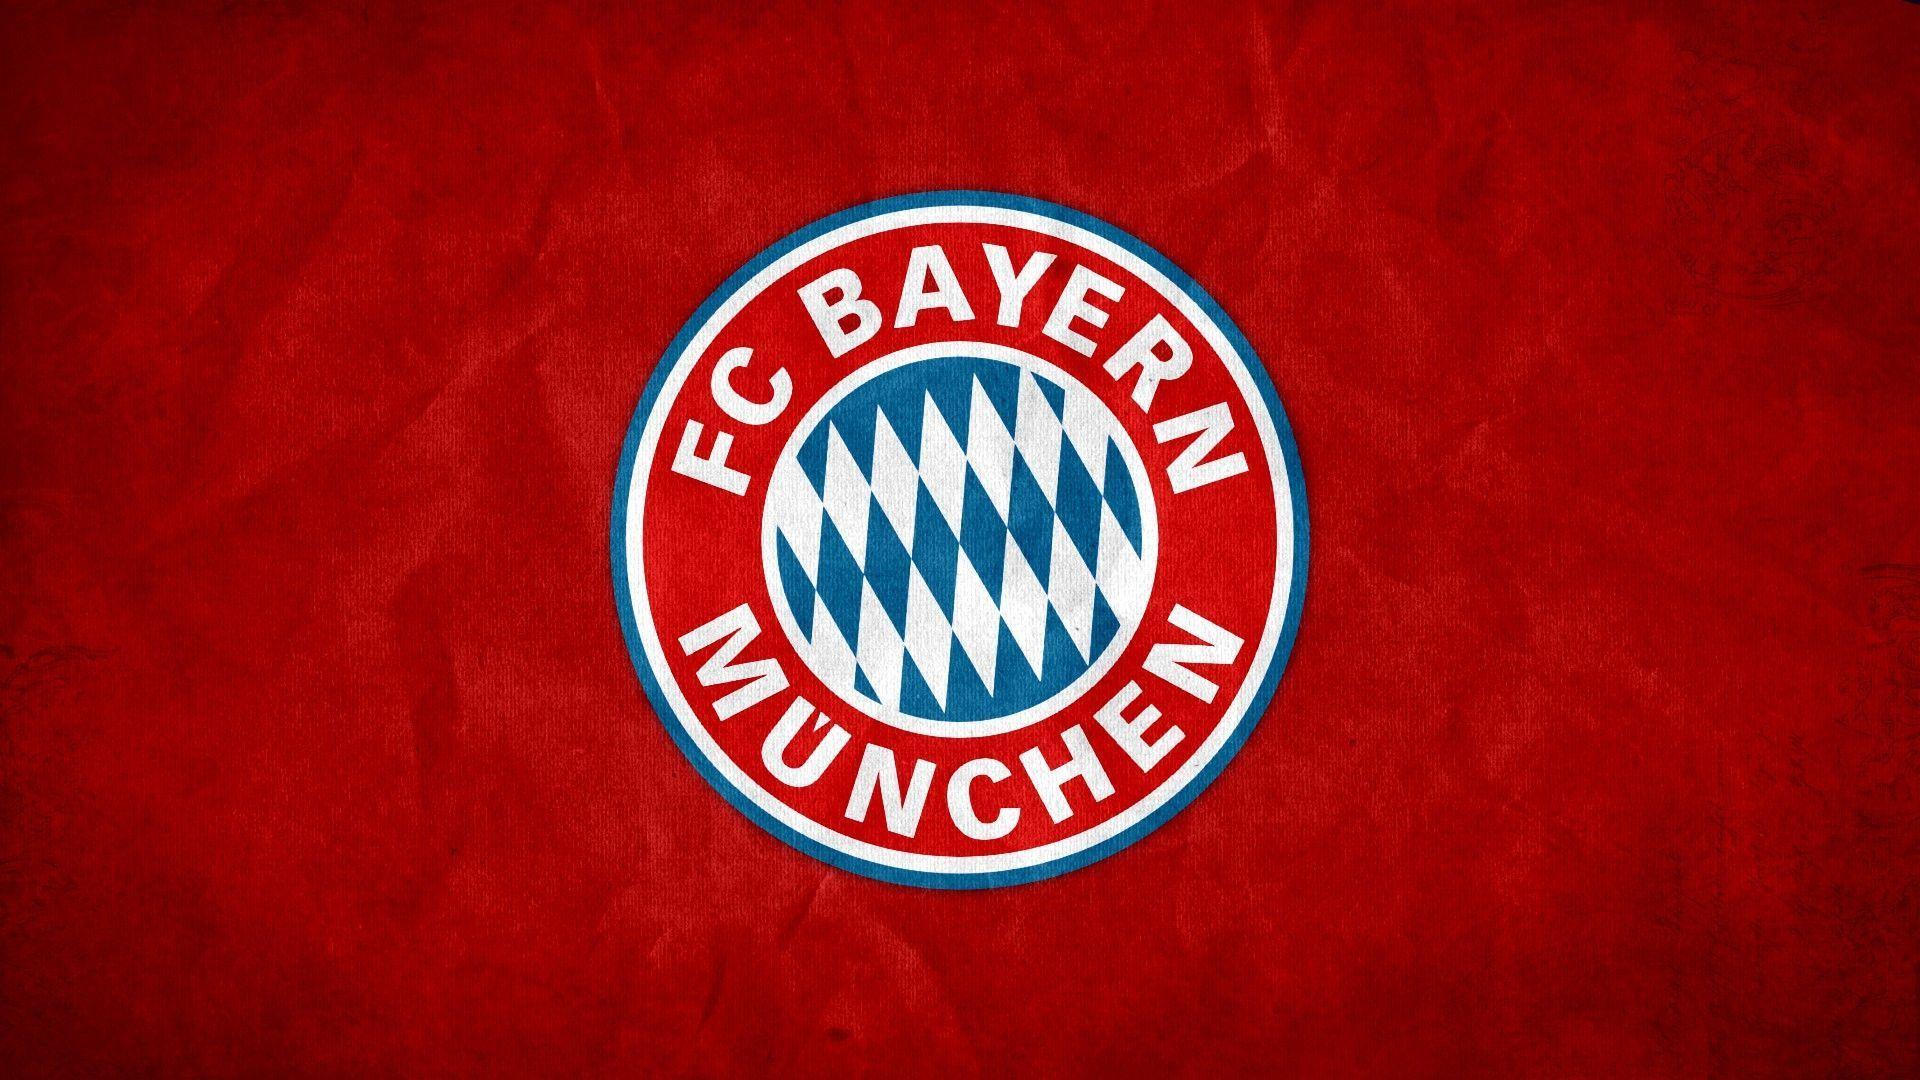 Bayern Munchen Football Club Wallpaper Football Wallpaper Hd 1920 1080 Bayern Munich Wallpaper 40 Wallpapers Bayern Munich Wallpapers Bayern Munich Bayern